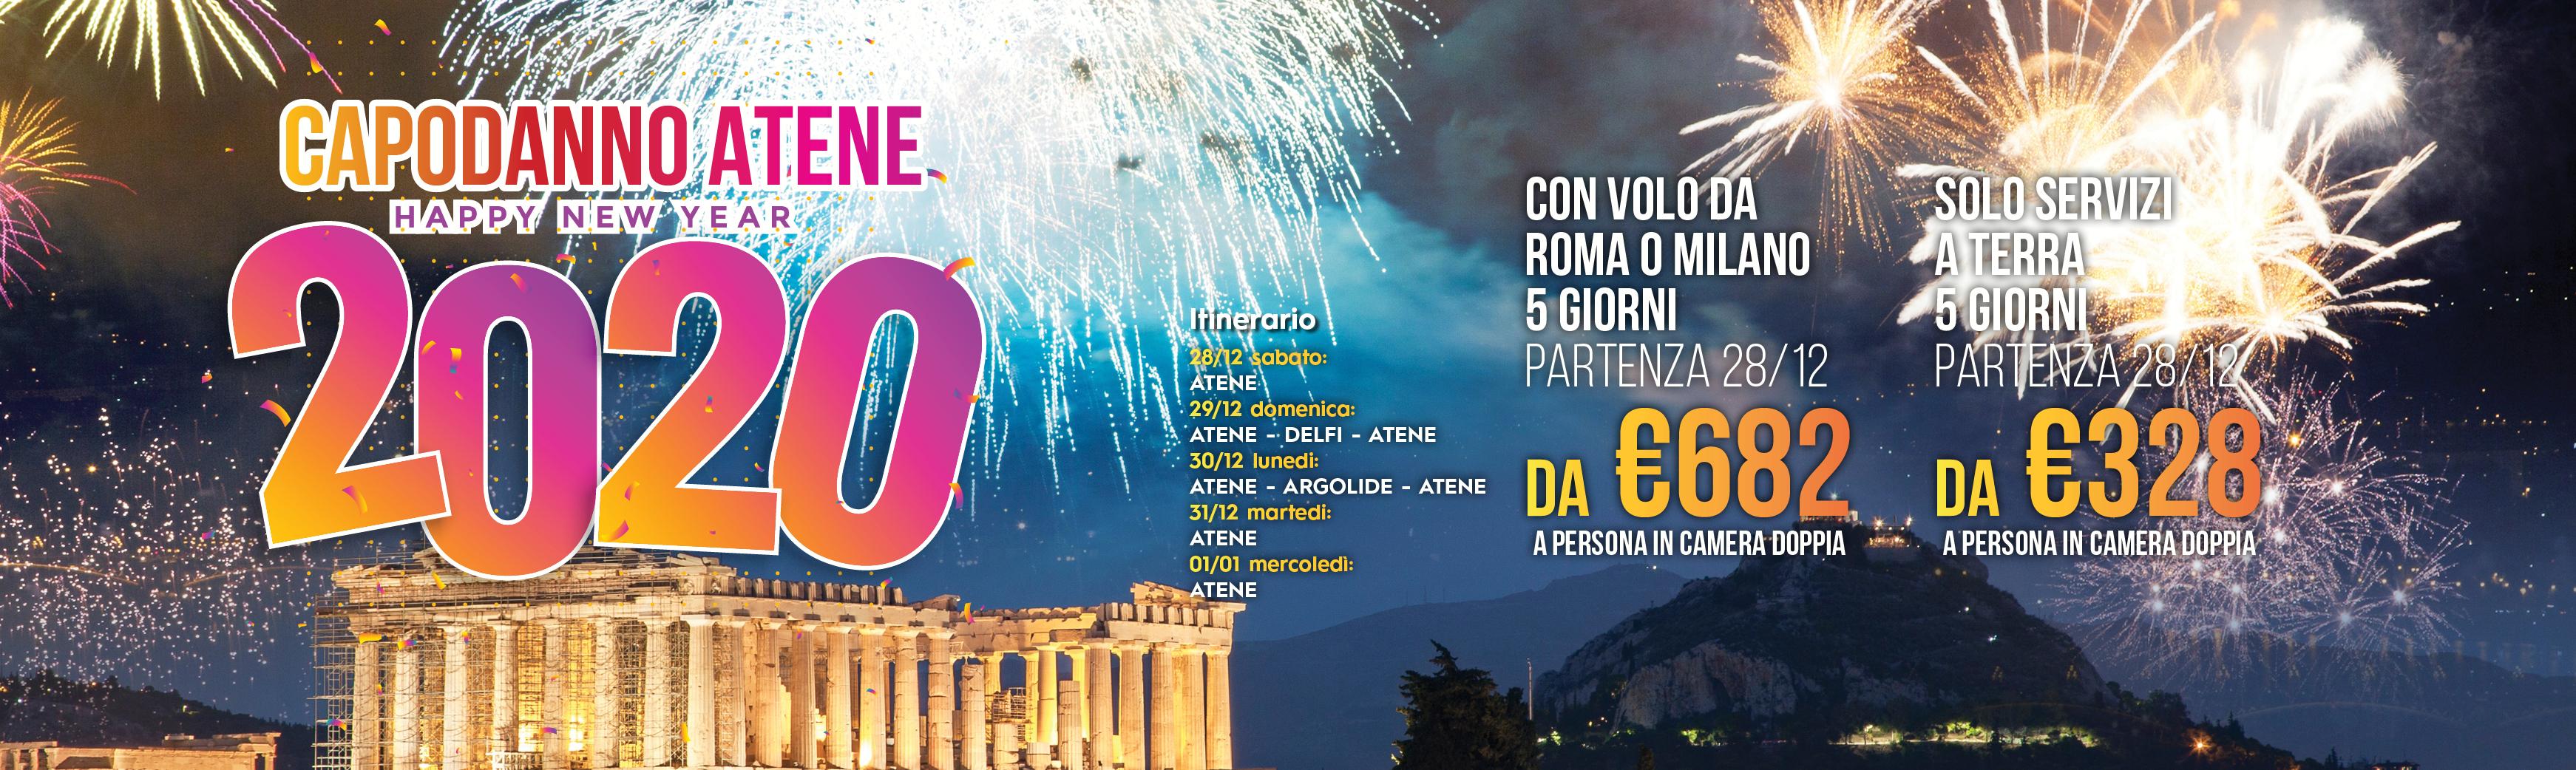 Capodanno 2020 Atene